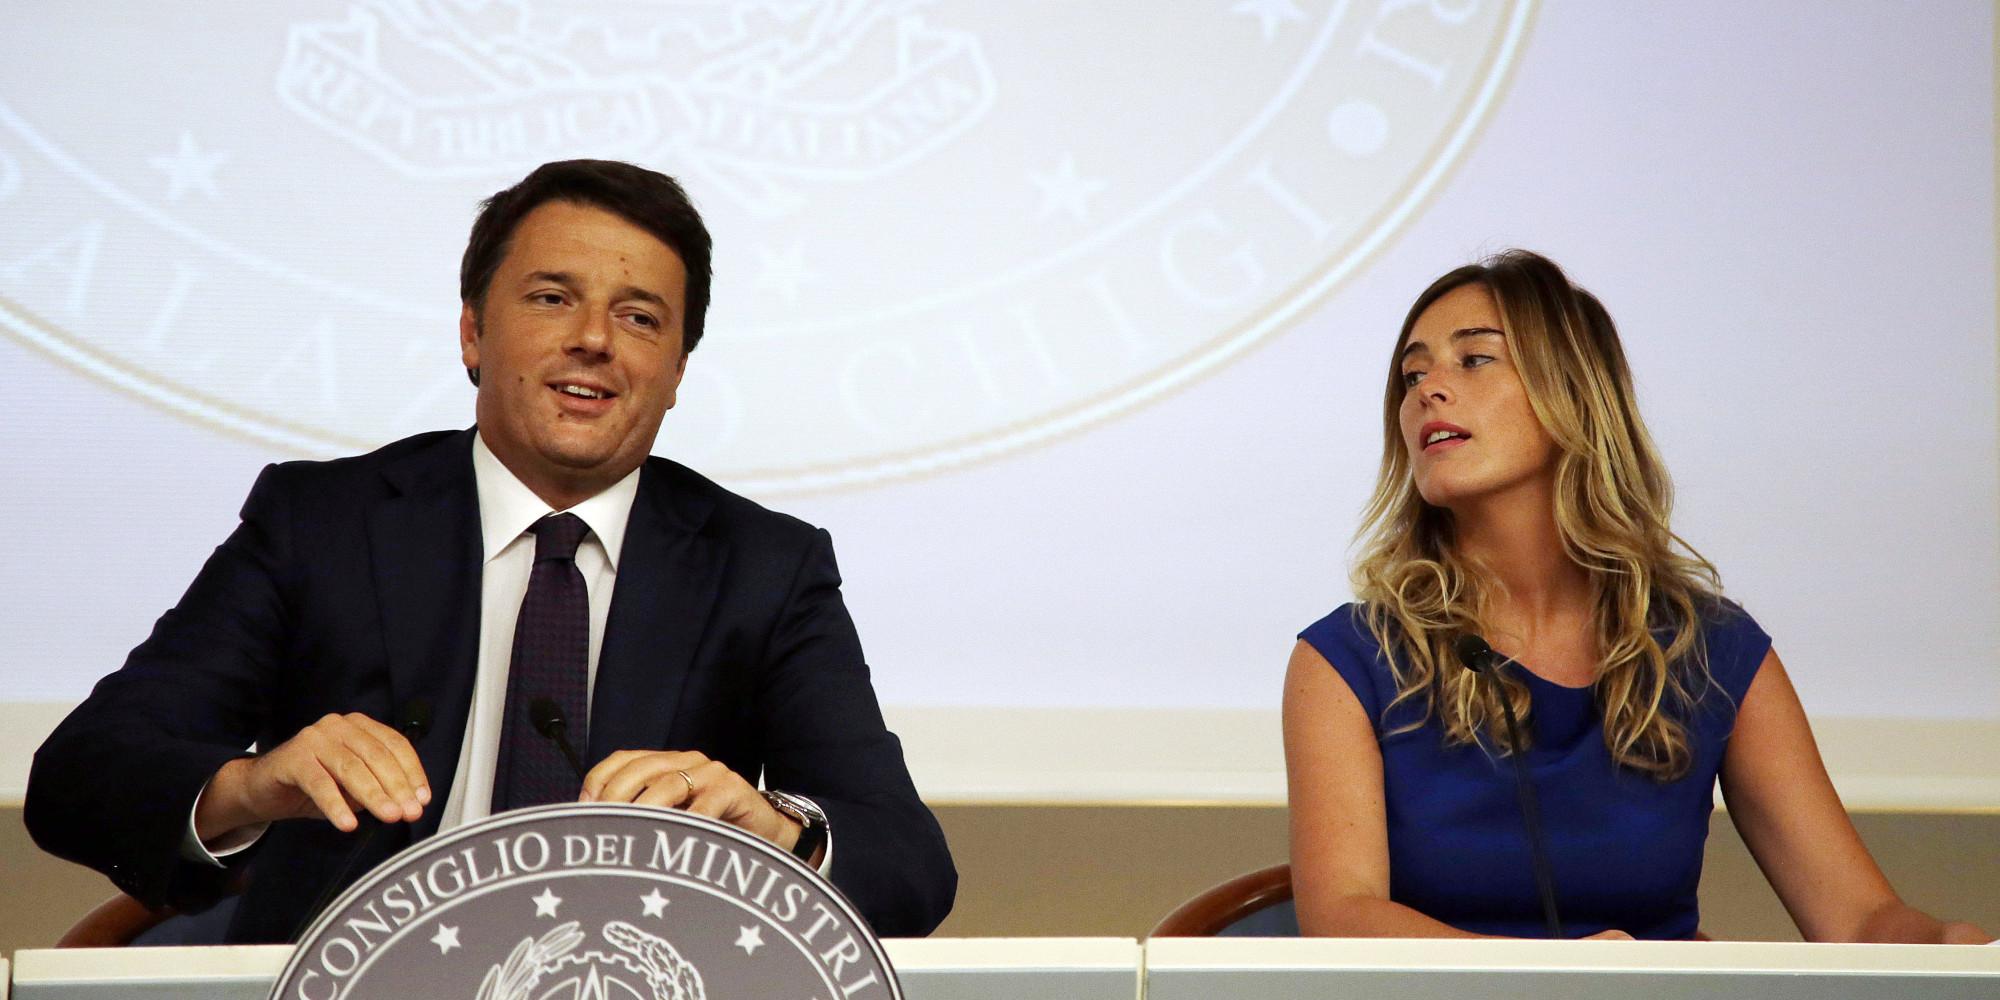 Guida al referendum sulla riforma della Costituzione: Matteo Renzi e Maria Elena Boschi